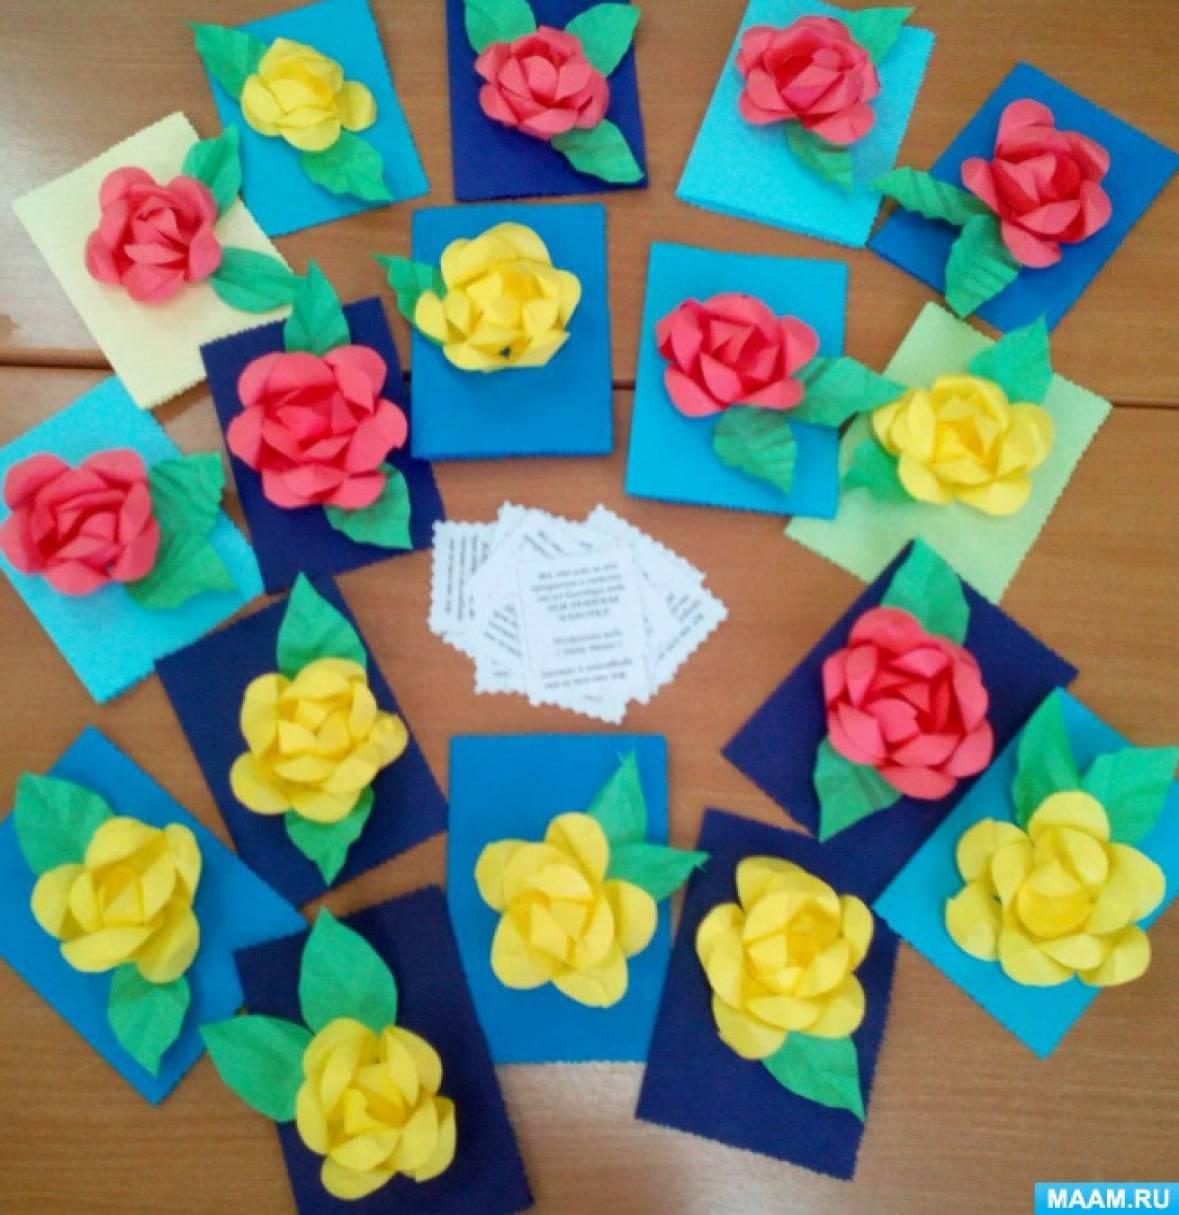 Детский мастер-класс «Открытка с розой для любимой мамочки»